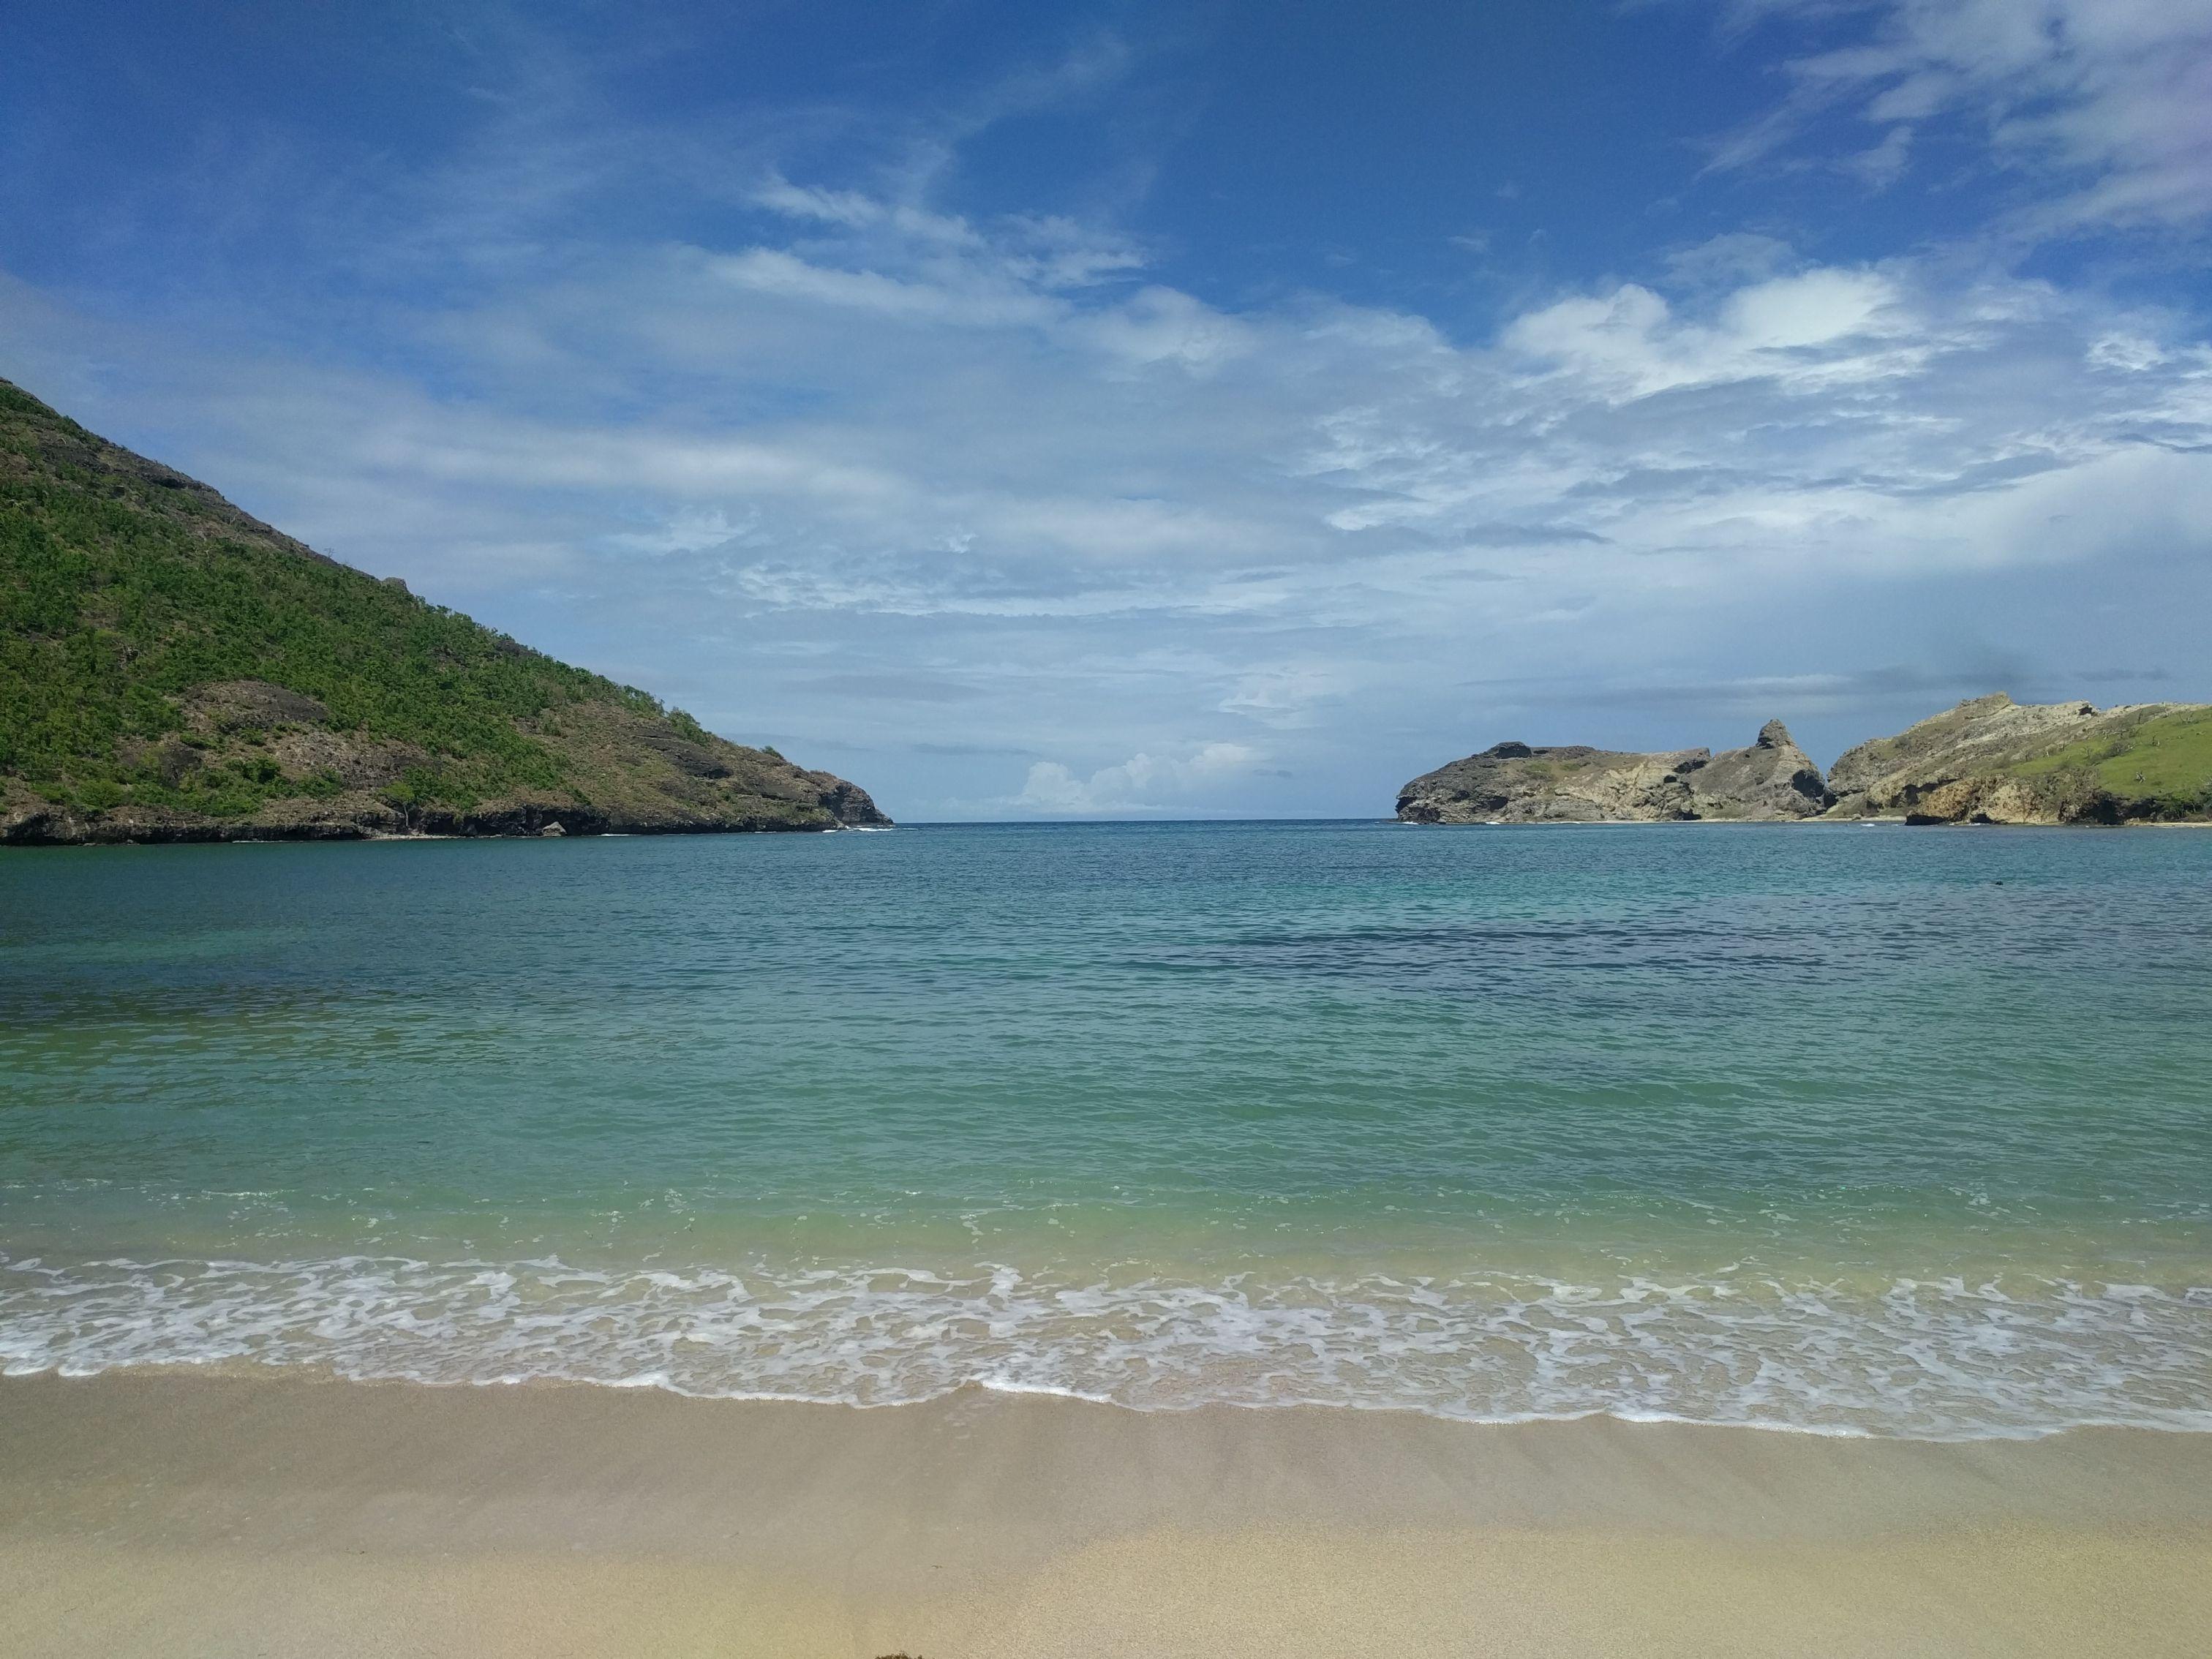 Strand auf Terre-de-Haut (Les Saintes)